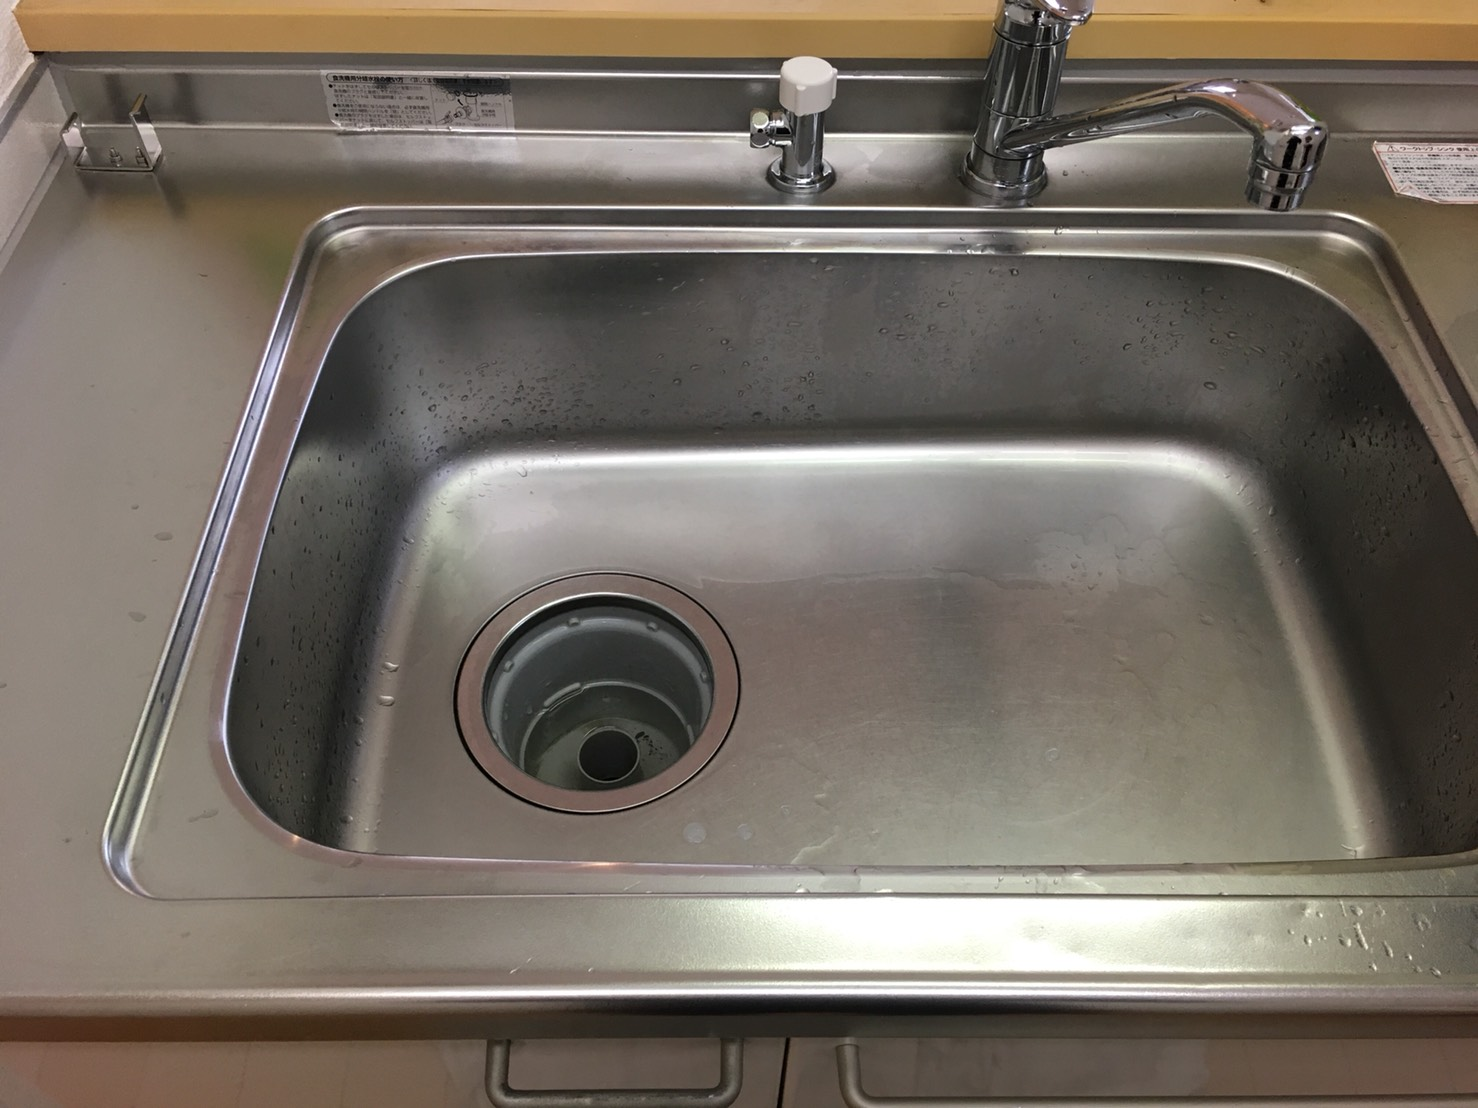 シンク清掃>ゴールデンウィーク/10連休 GWは断捨離とお掃除のチャンス!連休にすっきり!おすすめのお掃除 ハウスクリーニングは、おそうじプラスまで。